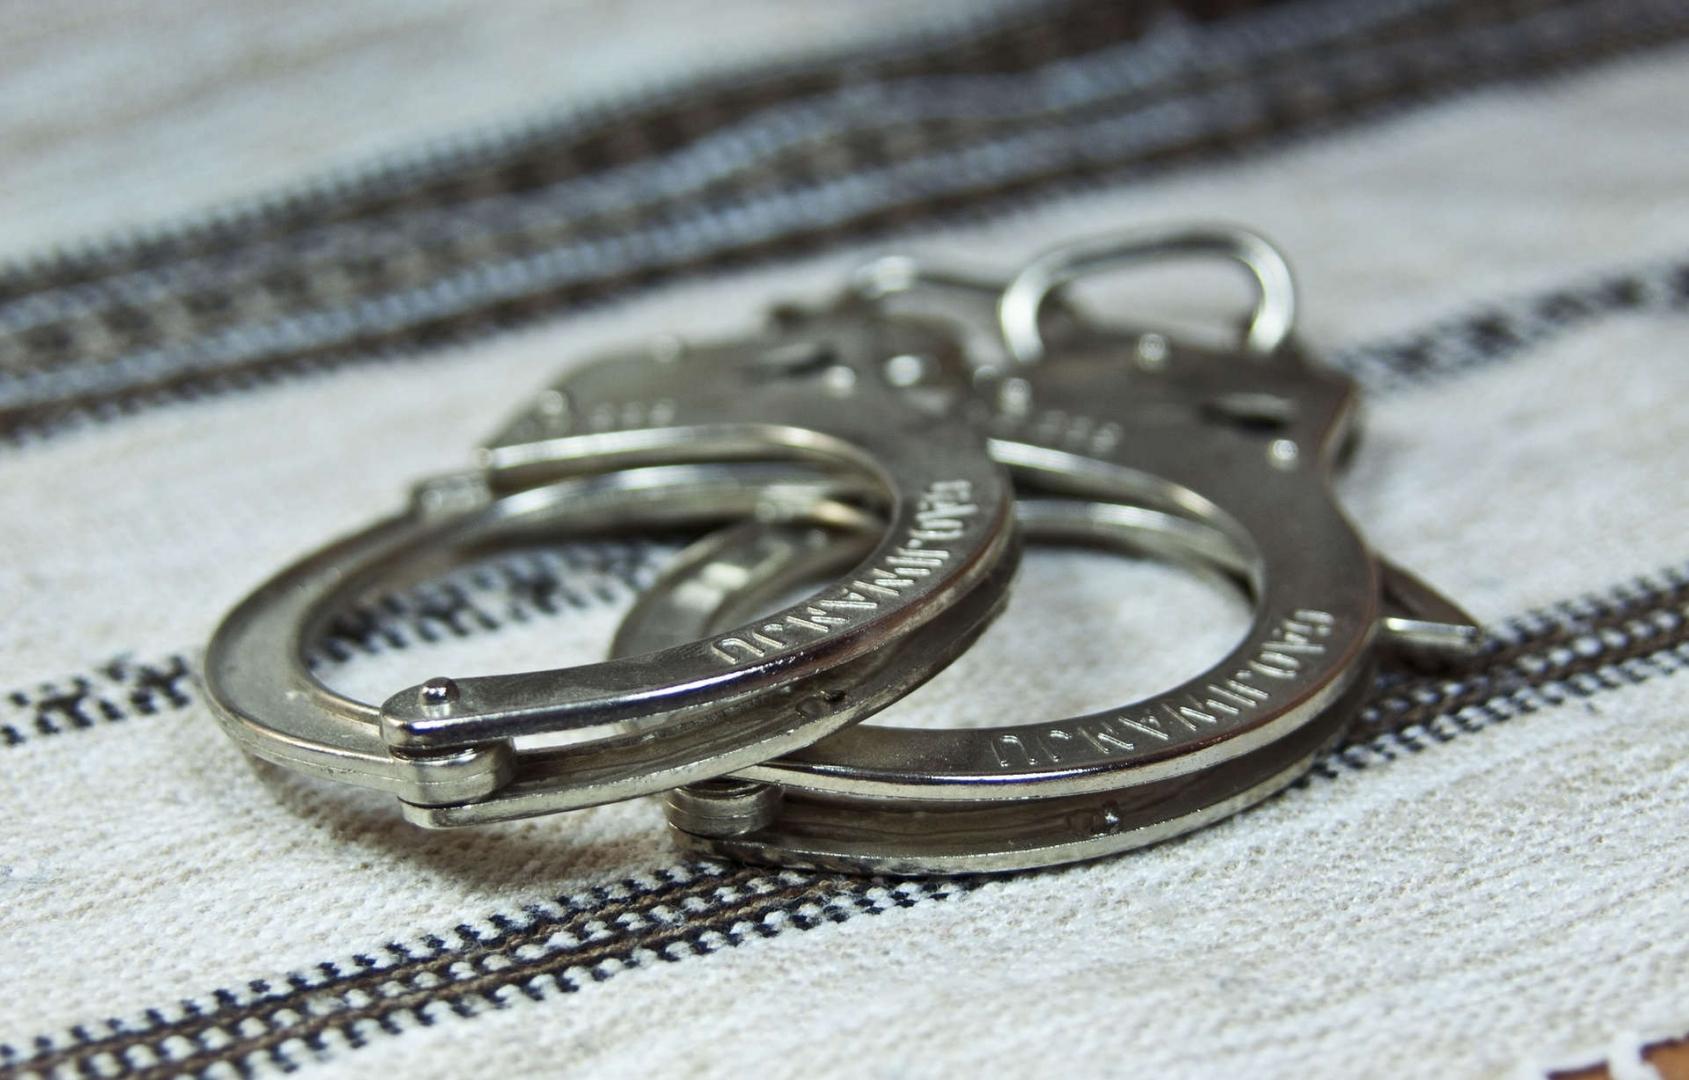 1bb5f053865d58831bdb8438f0b8b438 - 14 ISIL militants will be tried in Nur-Sultan